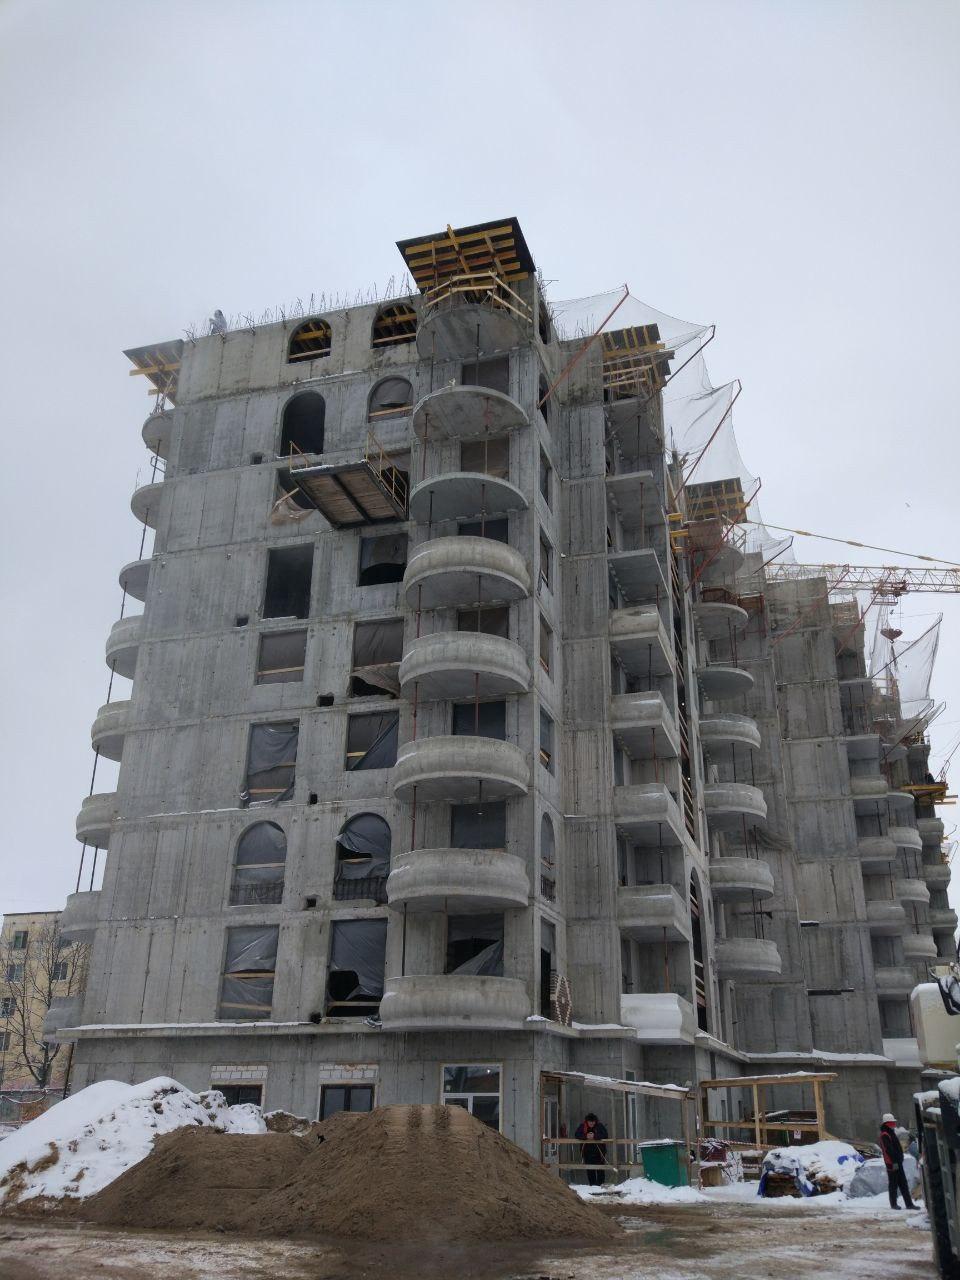 Строительная компания воин в Ижевск.чистые пруды-2 строительные материалы Ижевск ул журналистов